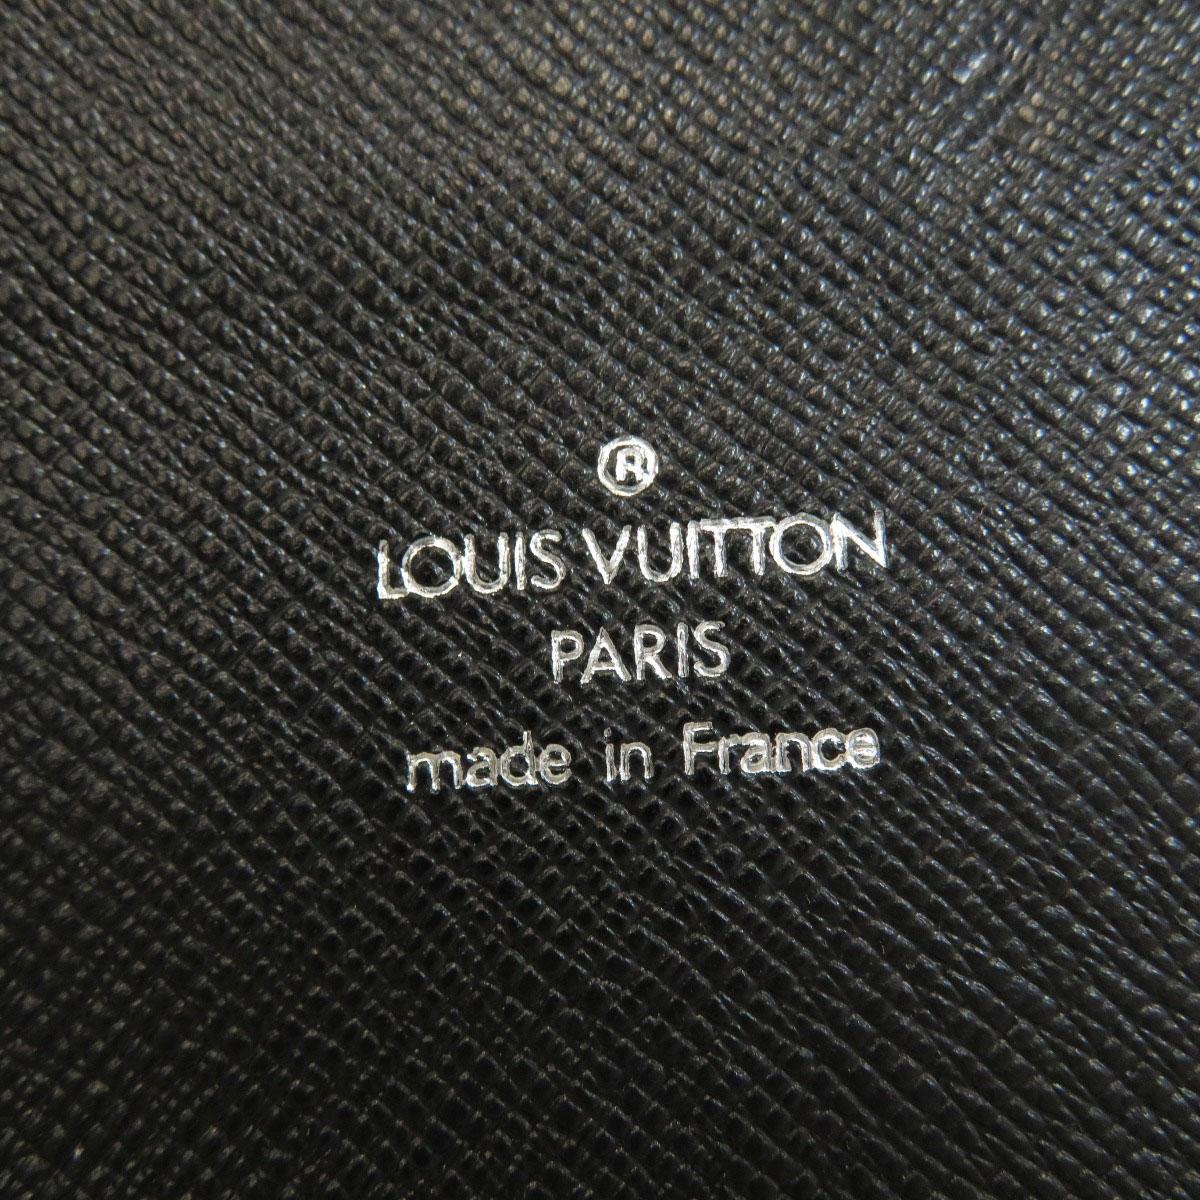 ルイヴィトン M30652 オーガナイザー・アトール トラベルケース タイガ メンズLOUIS VUITTONWbEYD9IeH2